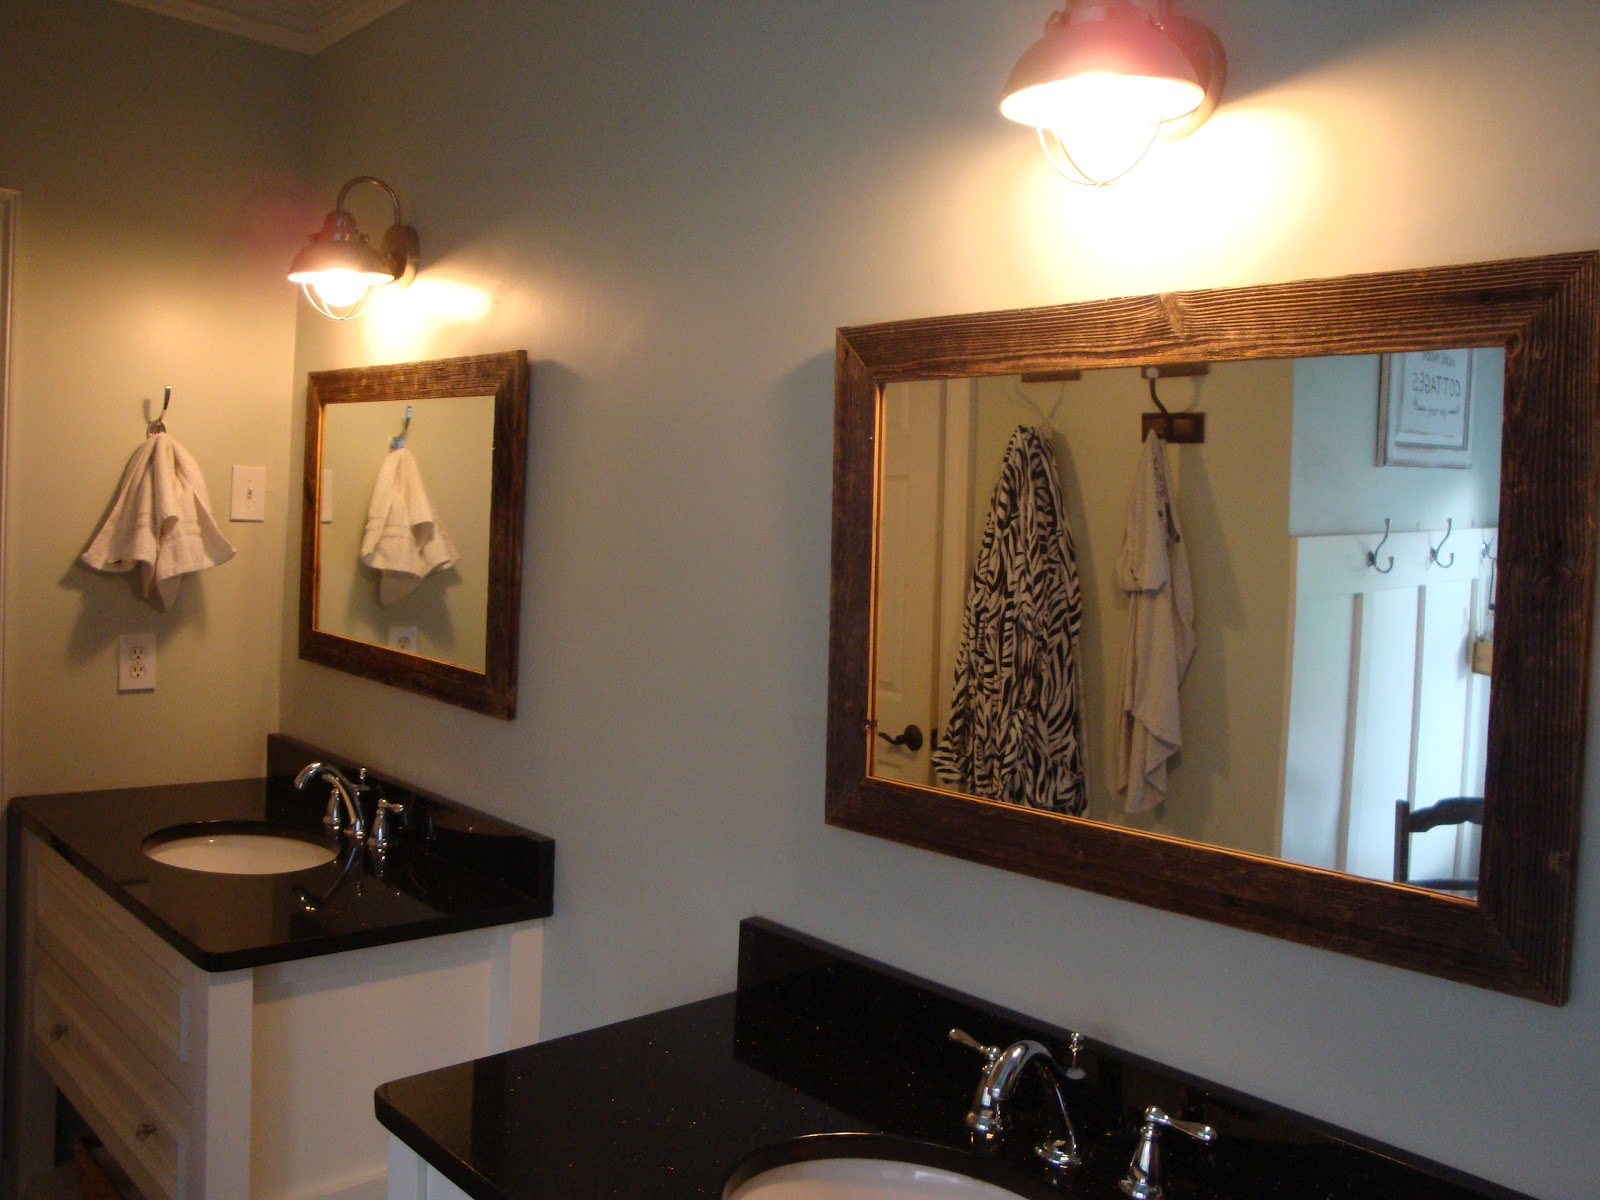 Barnwood framed mirror